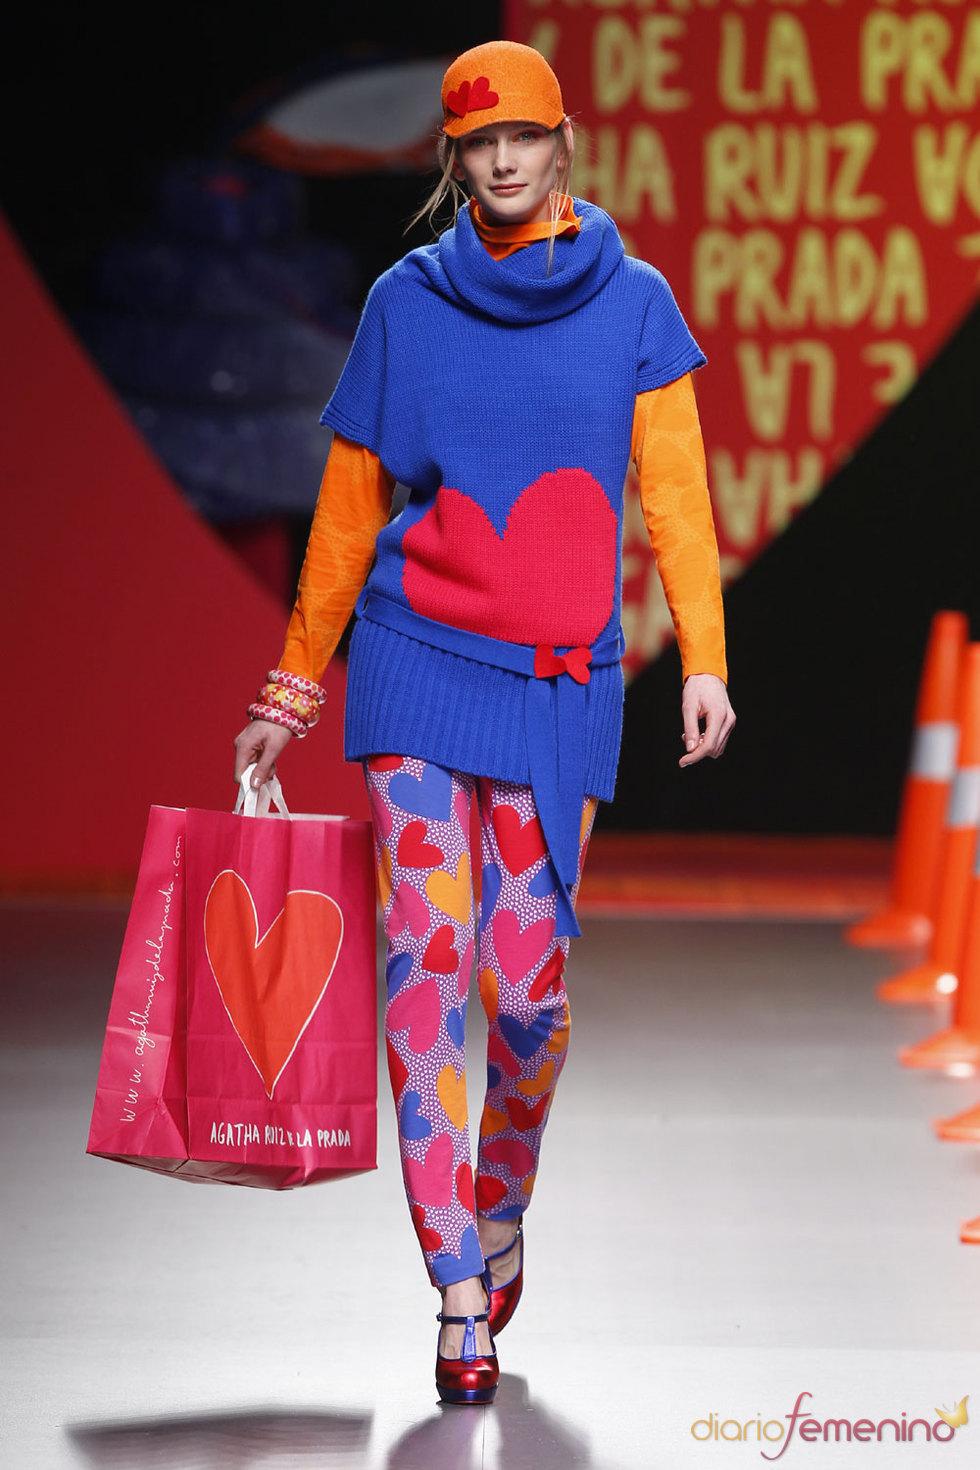 Agatha Ruíz de la Prada: La diseñadora más comercial en Cibeles